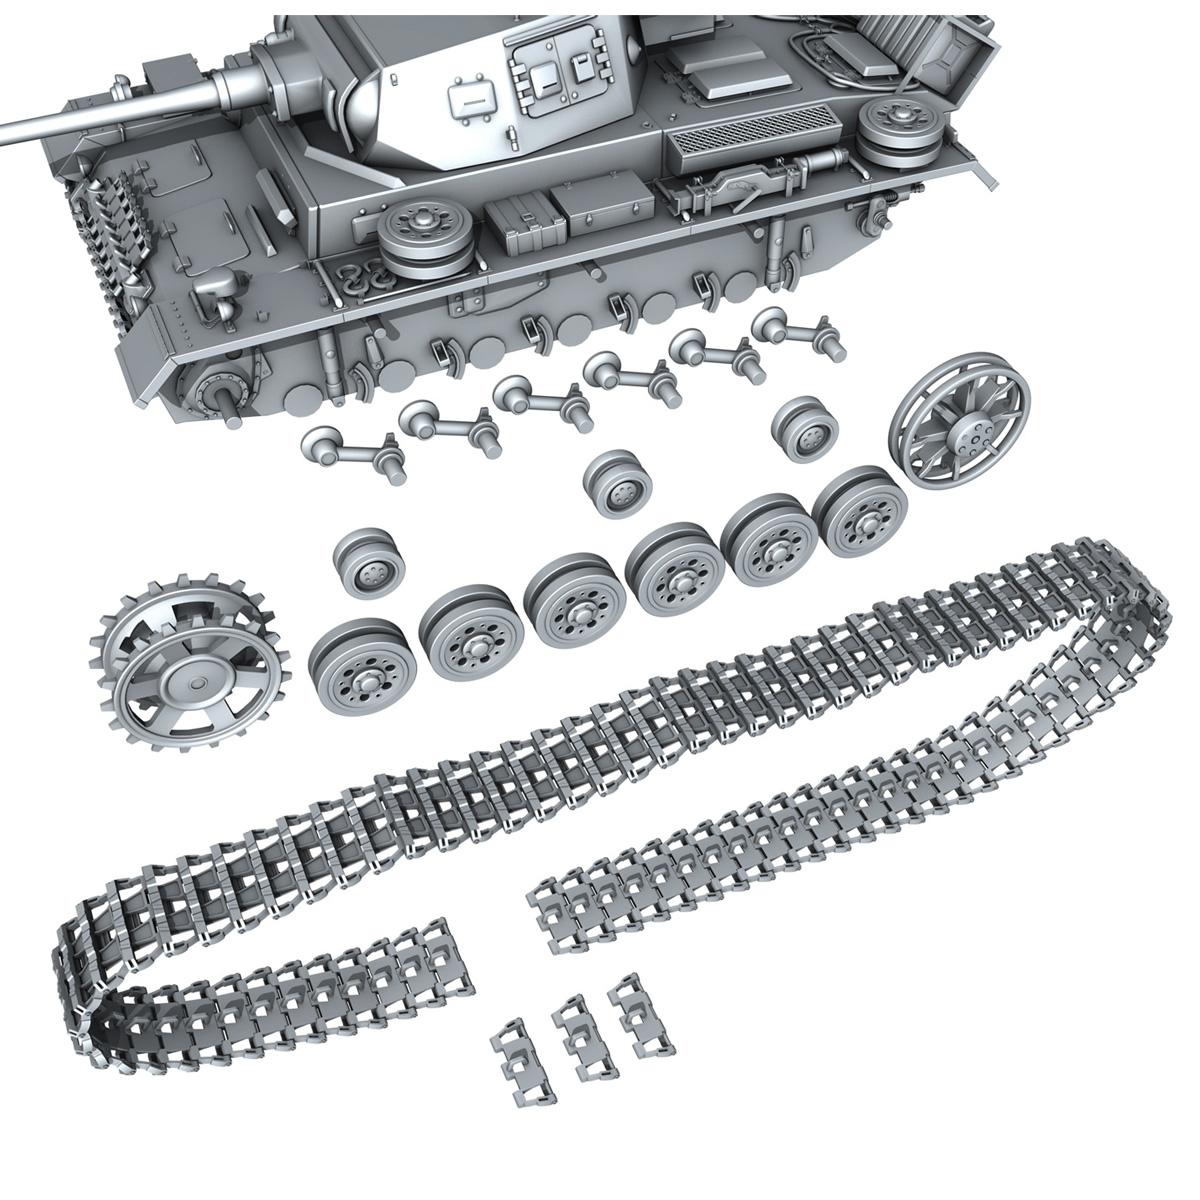 sd.kfz 141 pzkpfw 3 panzer 3 ausf.j 3d model 3ds fbx c4d lwo obj 188999